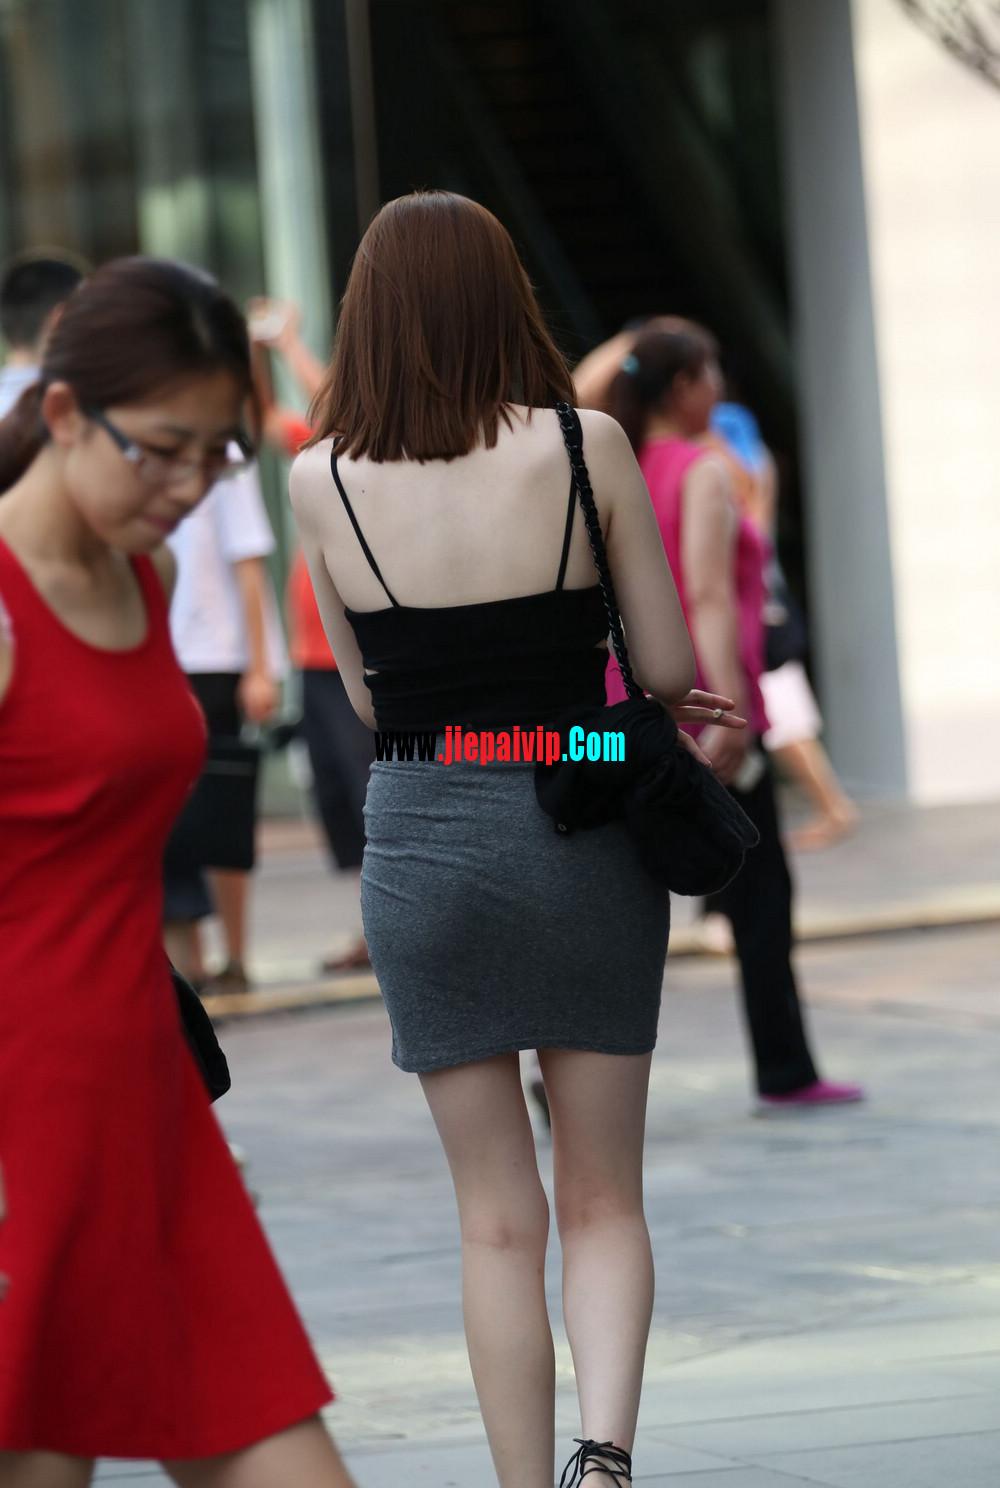 美女你这裙子实在是太紧太短了吧,难道不顾别人的感受吗17